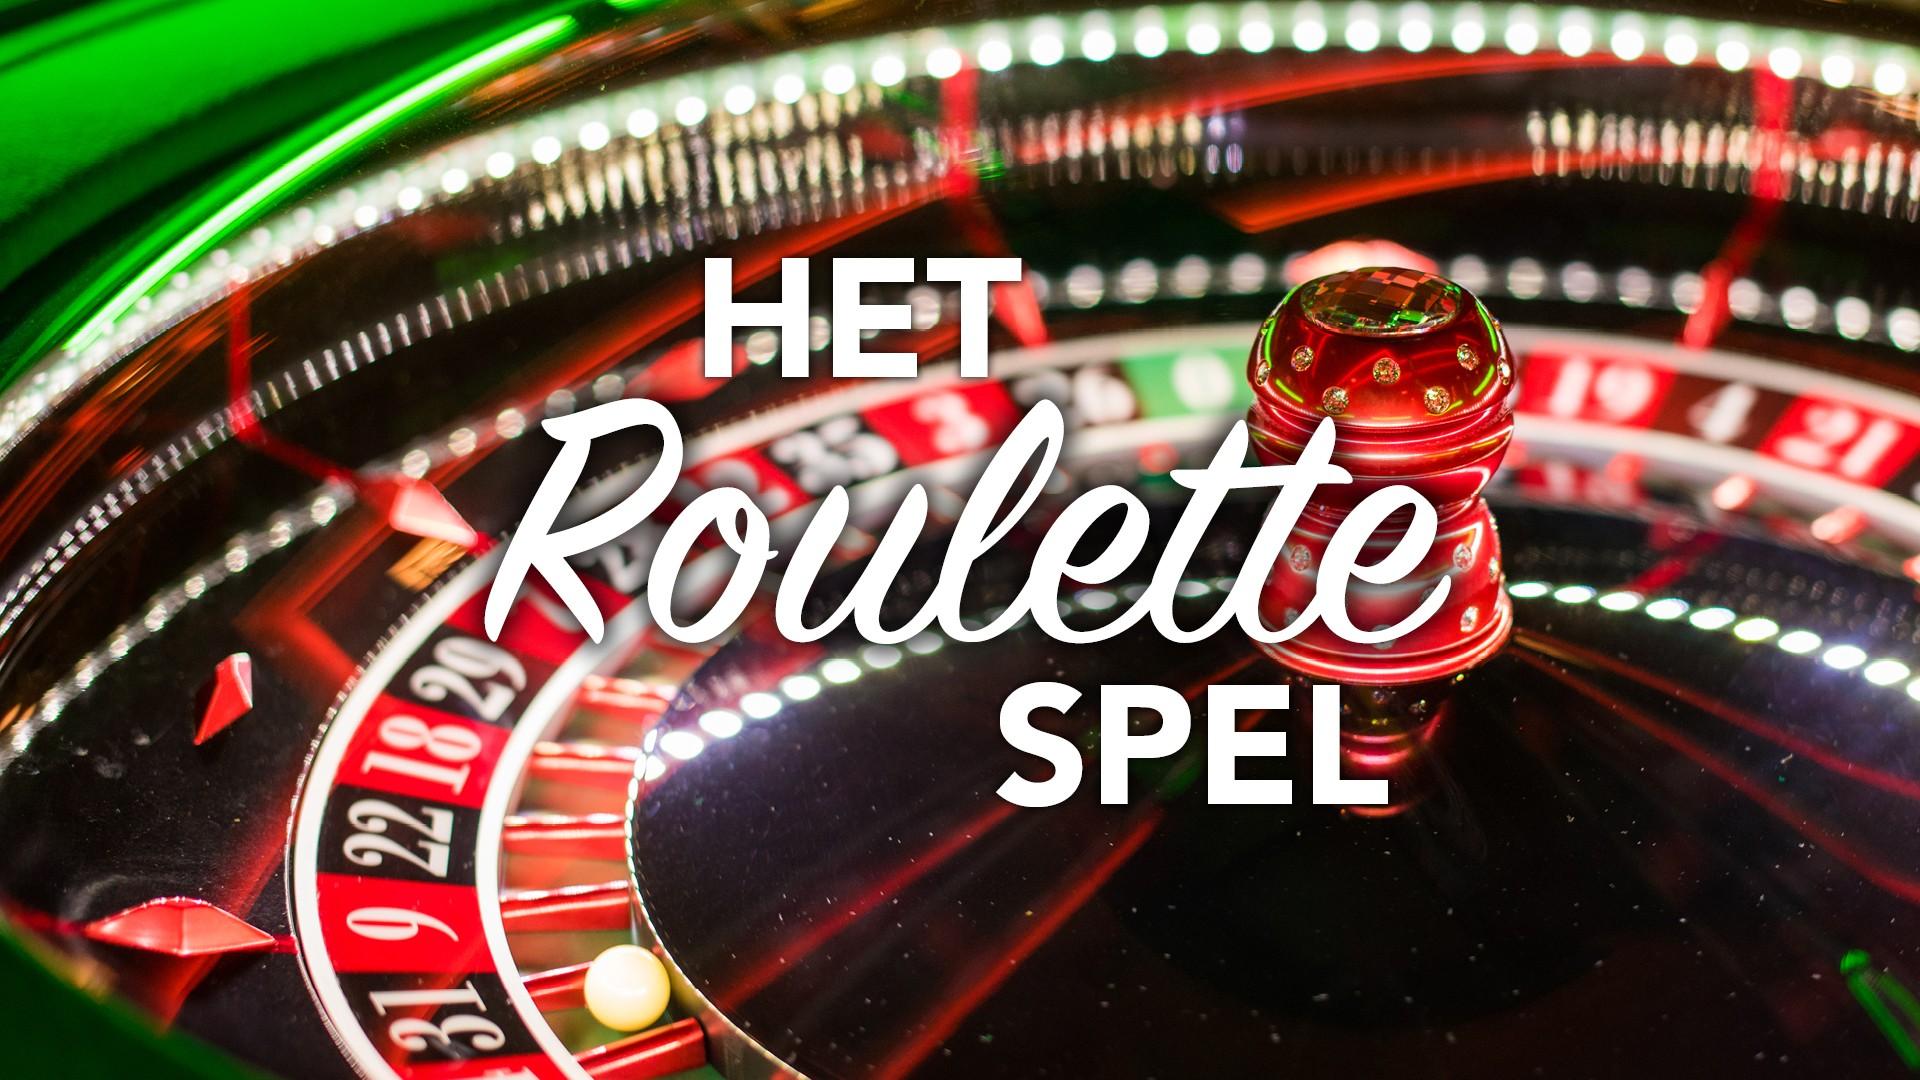 FL_Haarlem_Roulettespel_feb20.jpg